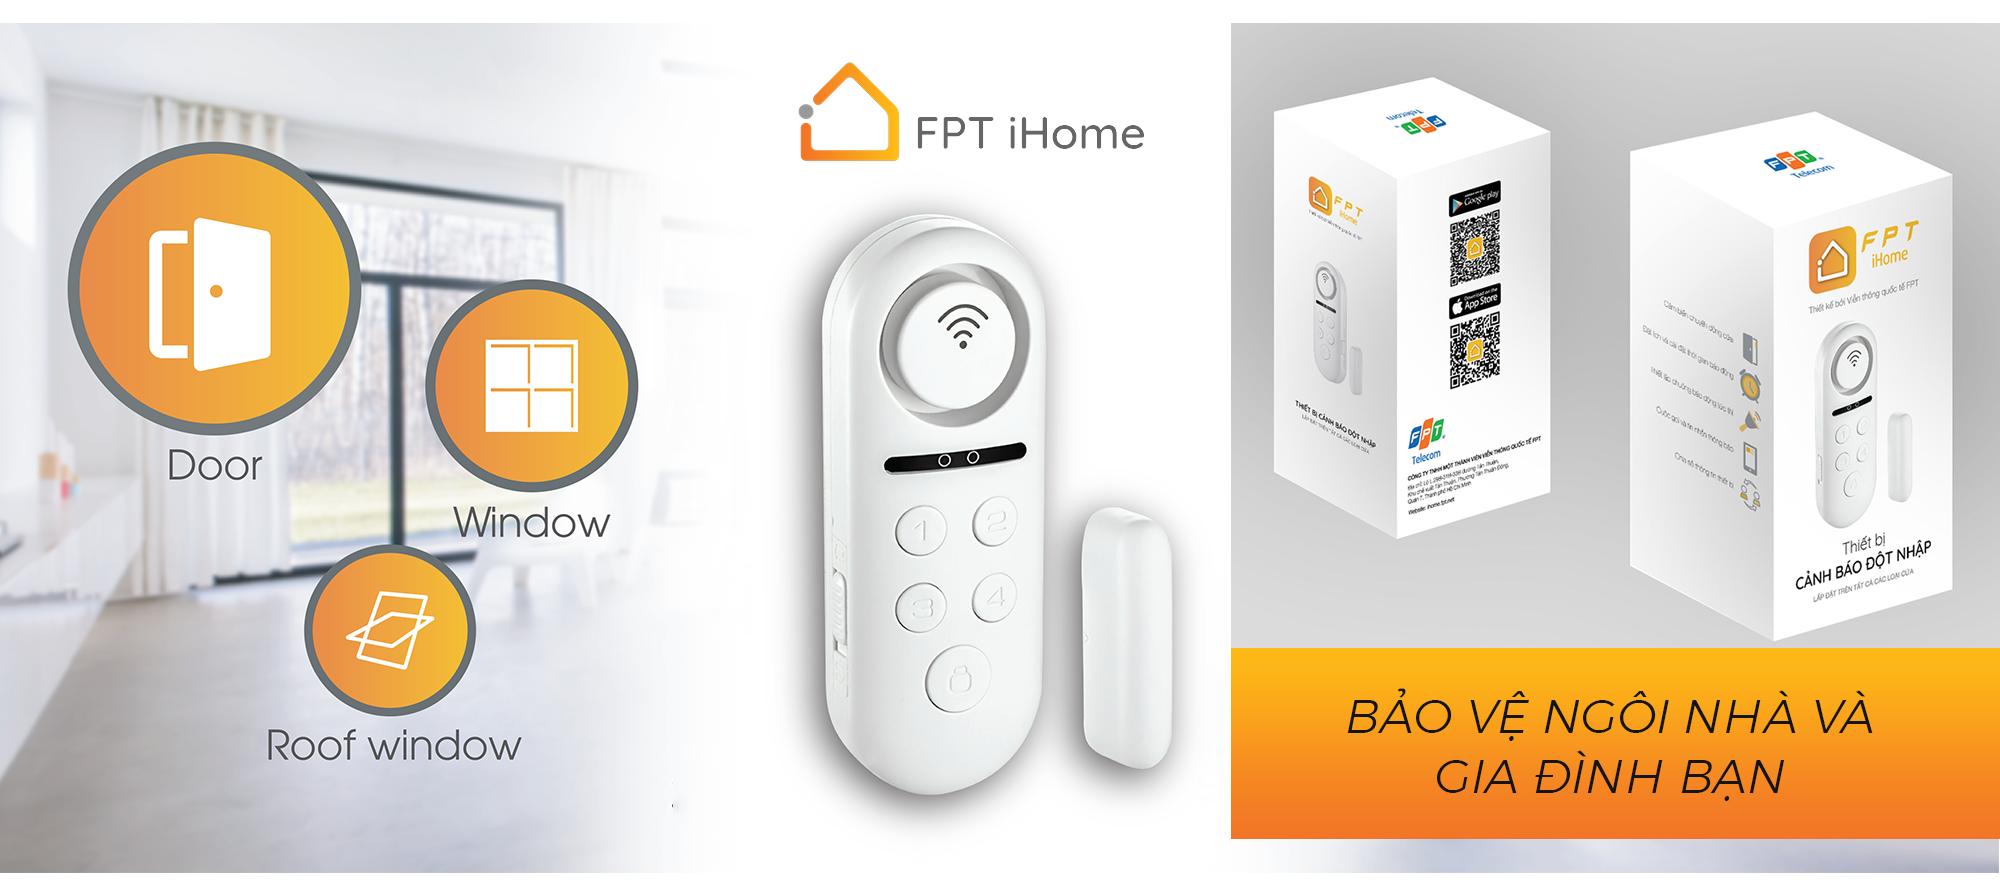 Muôn nẻo câu chuyện phát triển sản phẩm thông minh chinh phục người tiêu dùng của FPT Telecom - Ảnh 10.